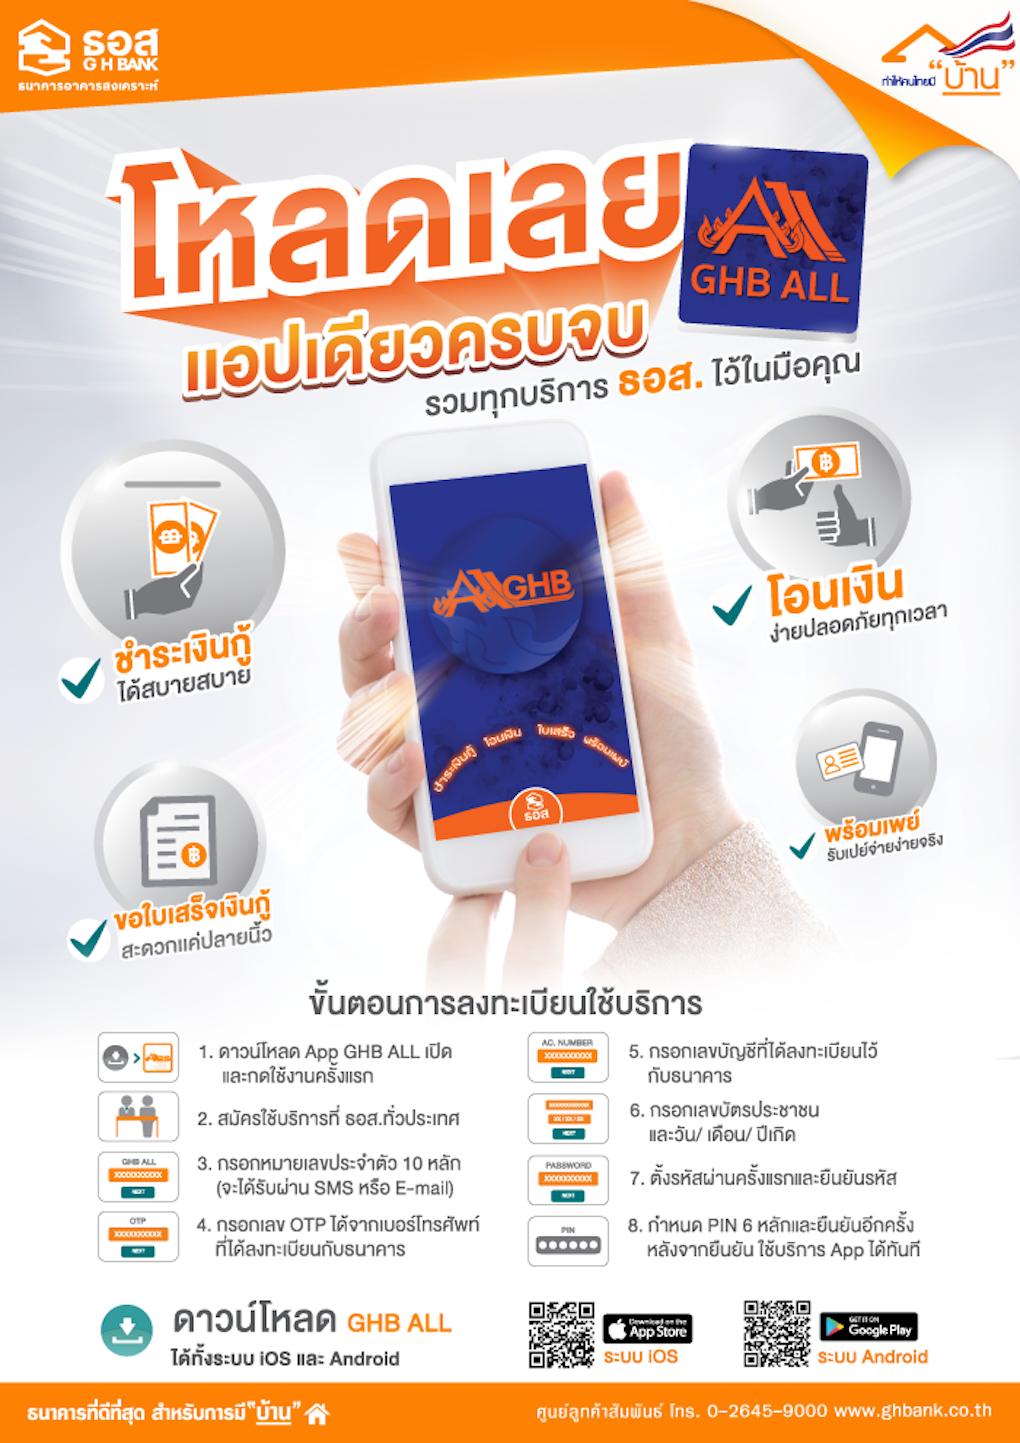 ธอส. - GHB ALL Mobile Application